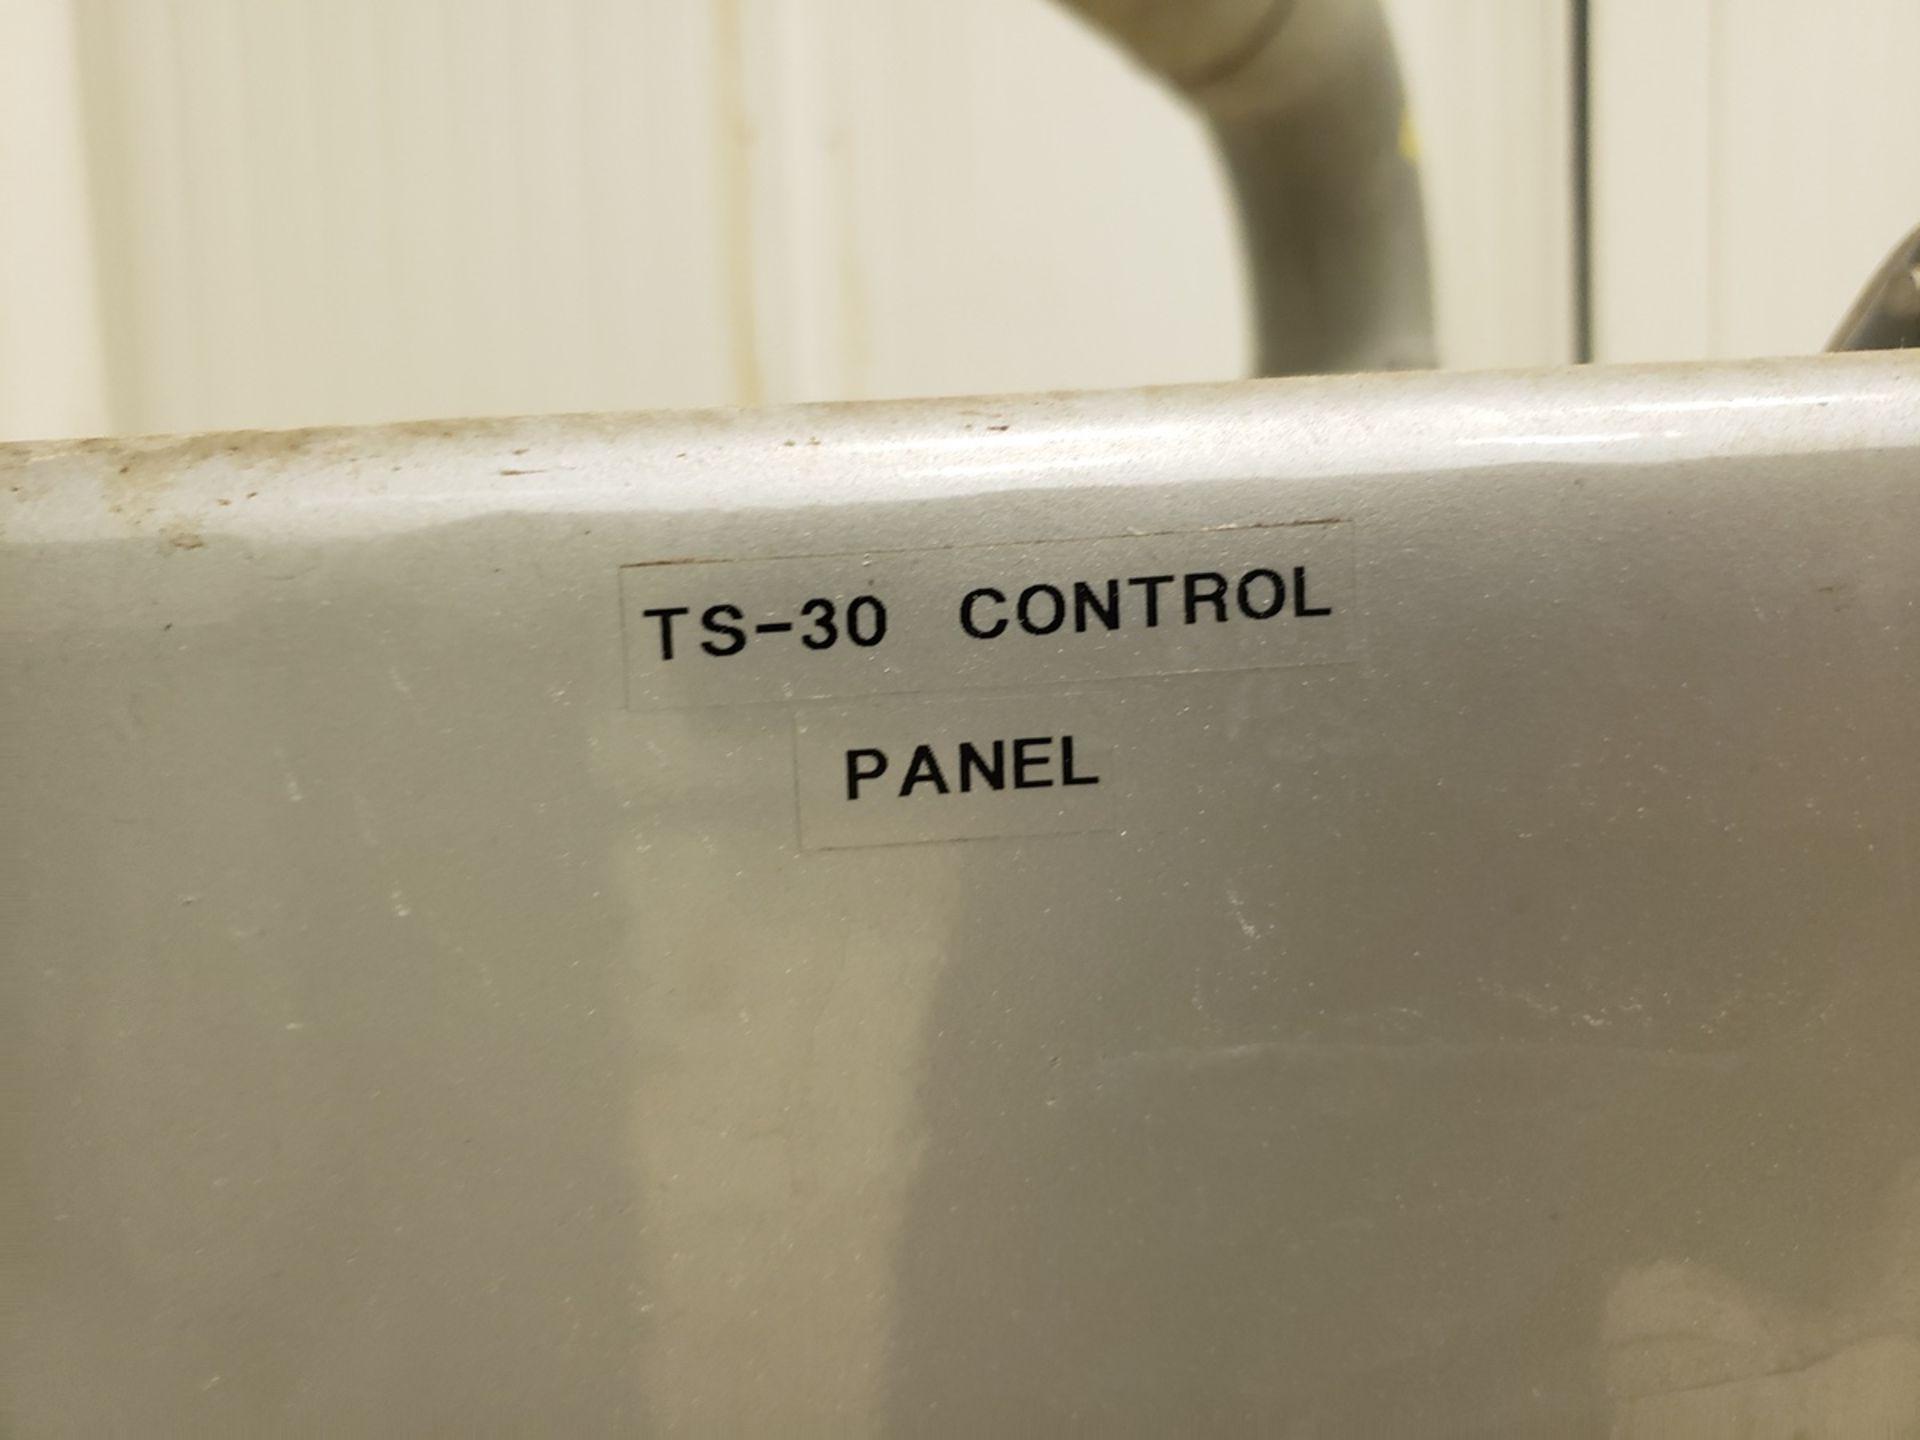 Lot 18A - Ozone Solutions Ozone Generator, M# TS-30 - Loc: NJ   Rig Fee: $75